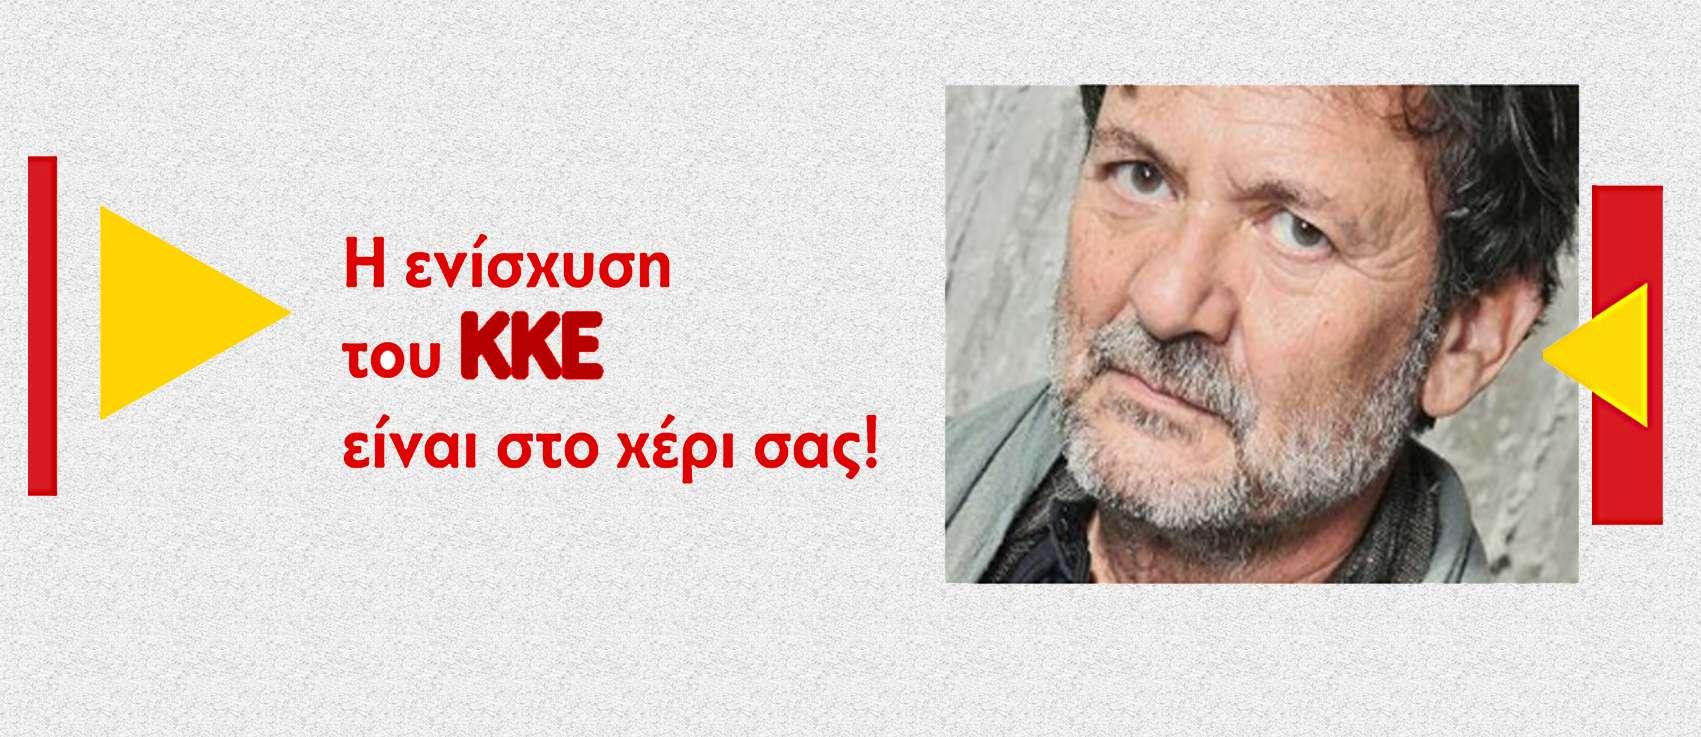 Γιάννης Καλατζόπουλος 🚩Με το ΚΚΕ για την επόμενη μέρα!